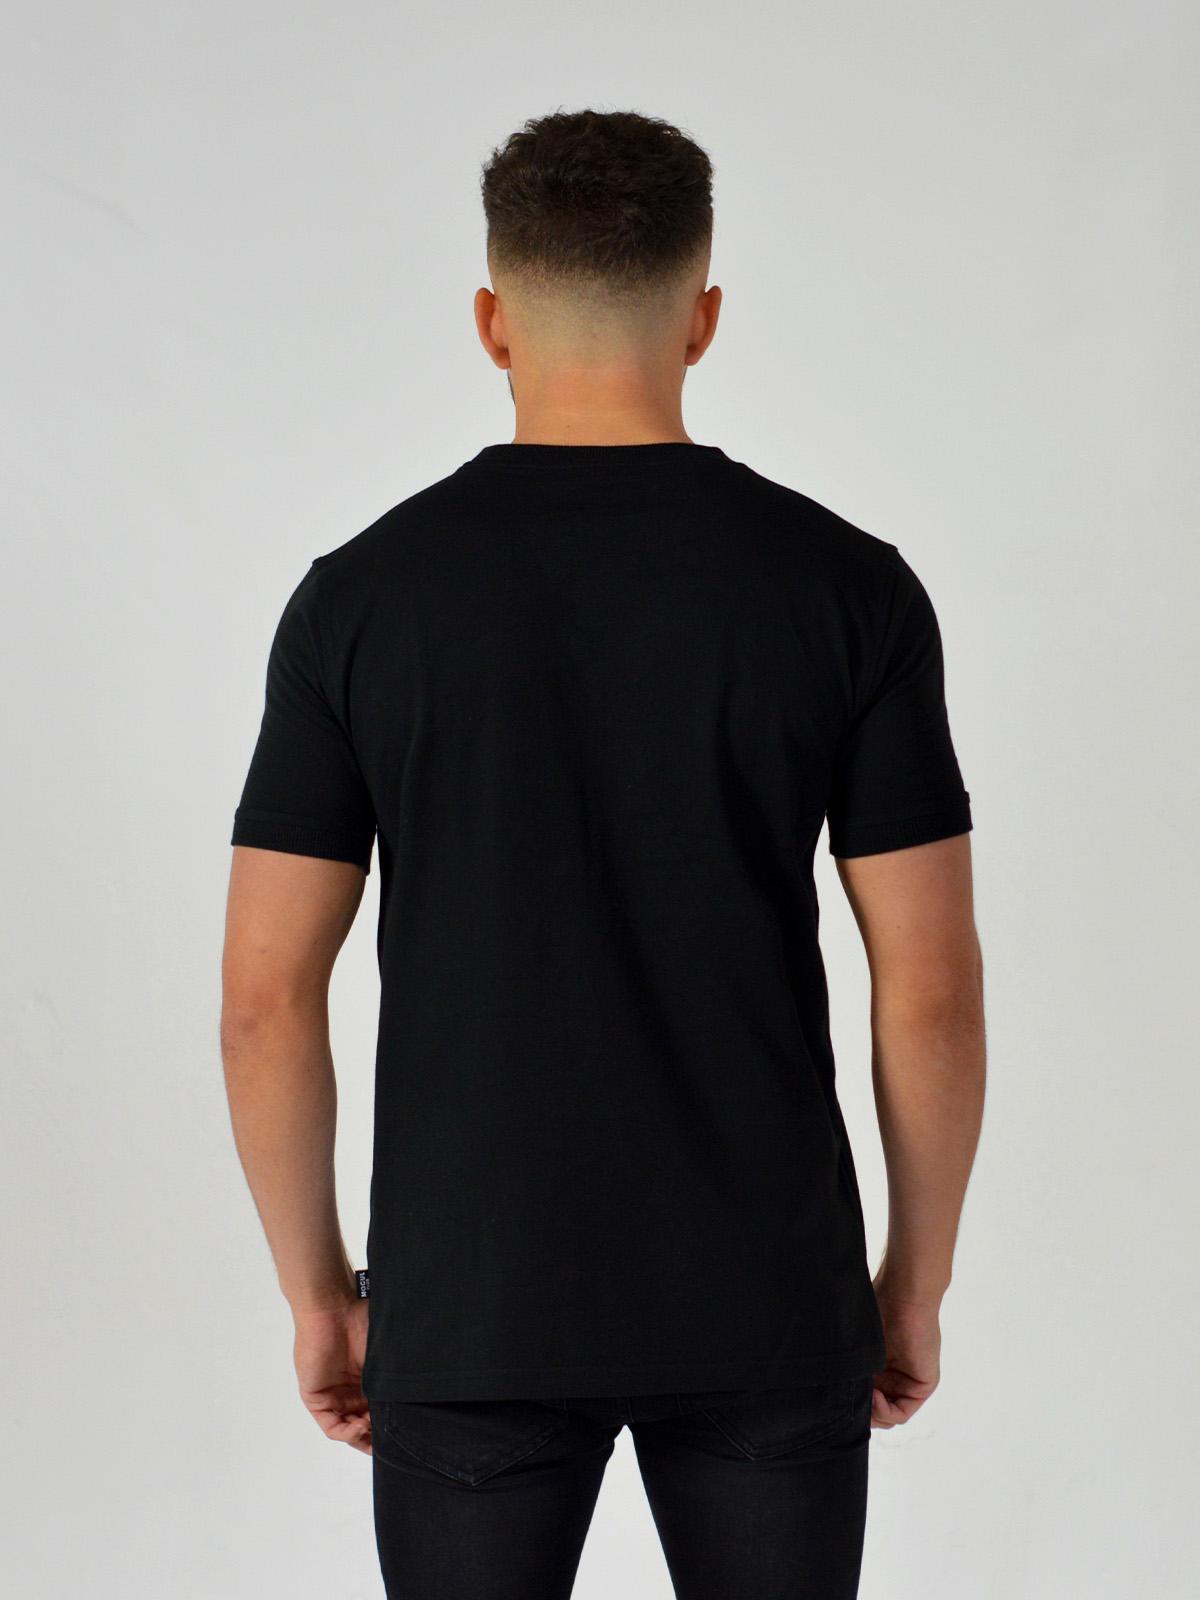 78a2d51f180e5 Large Logo T-Shirt Black - Mogul Club